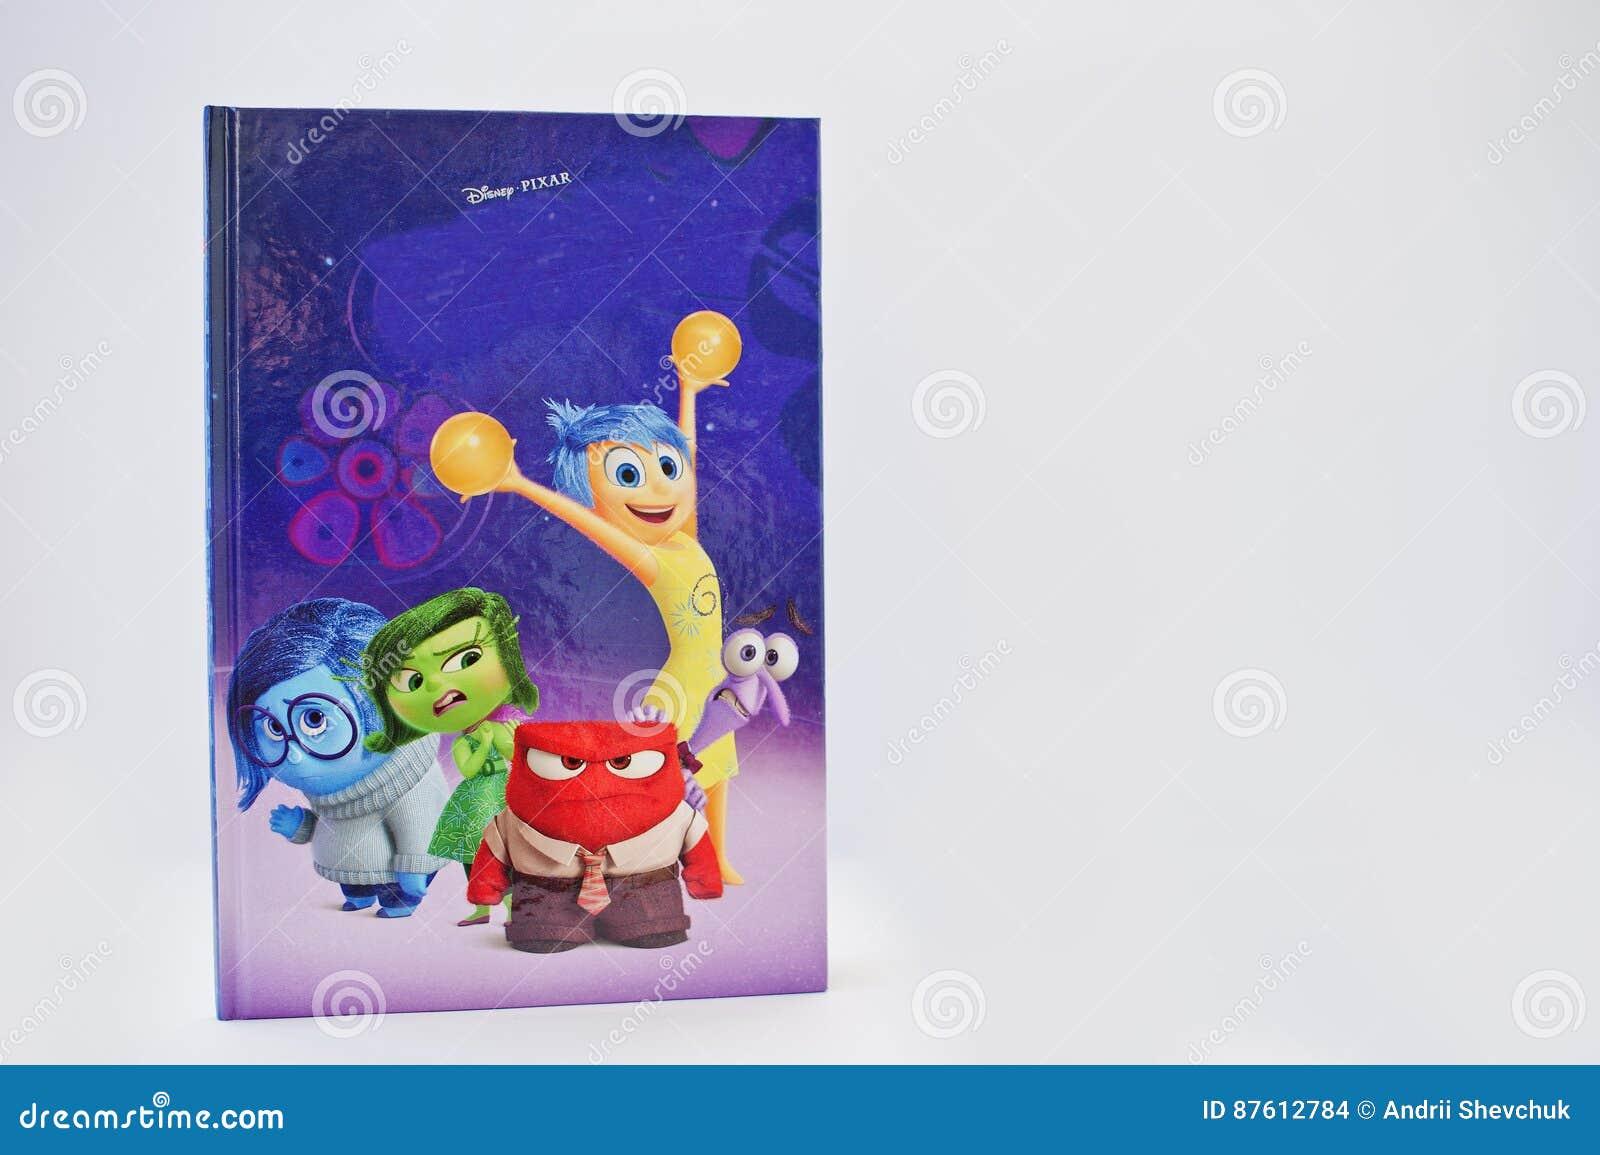 Hai, Ukraine - February 28, 2017: Animated Disney Pixar cartoon